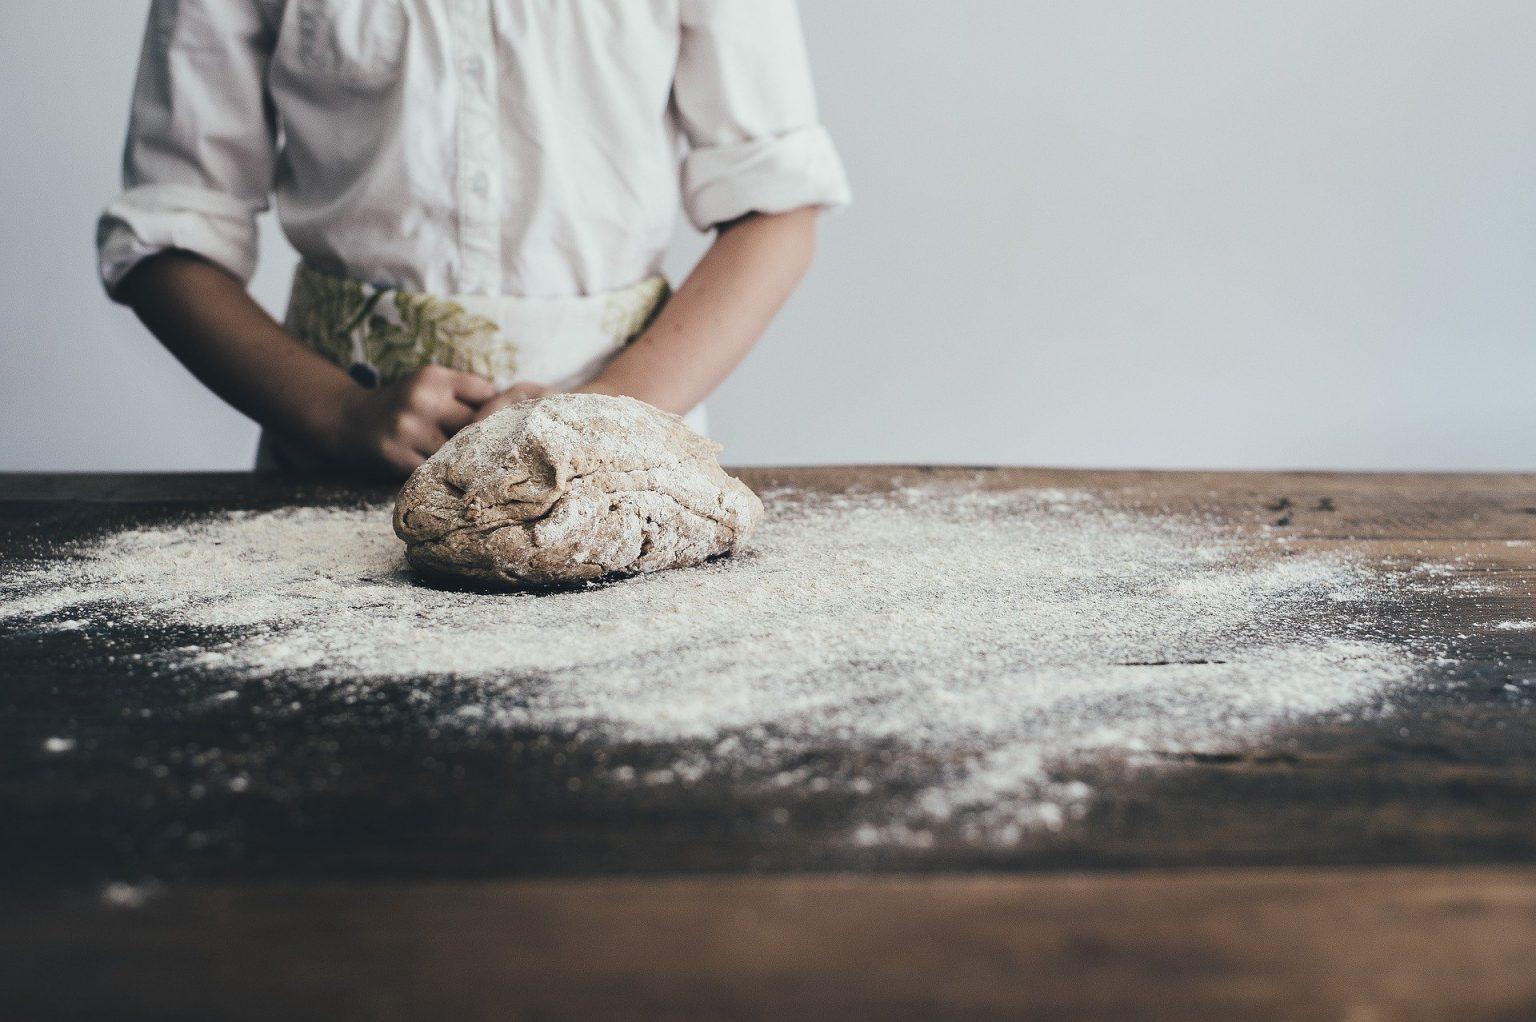 Bäcker beim Backen von Brot